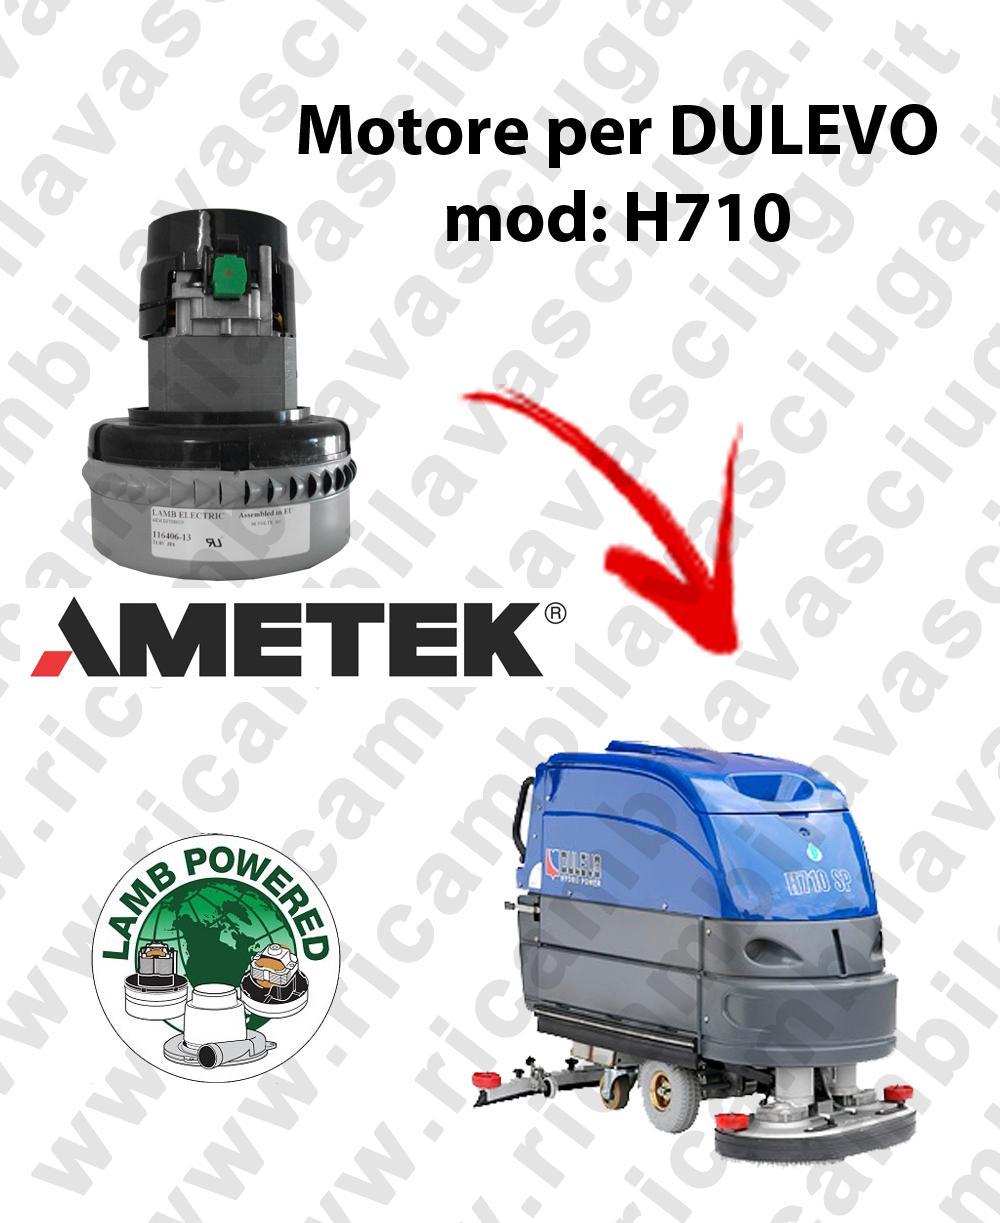 H710 LAMB AMETEK vacuum motor for scrubber dryer DULEVO